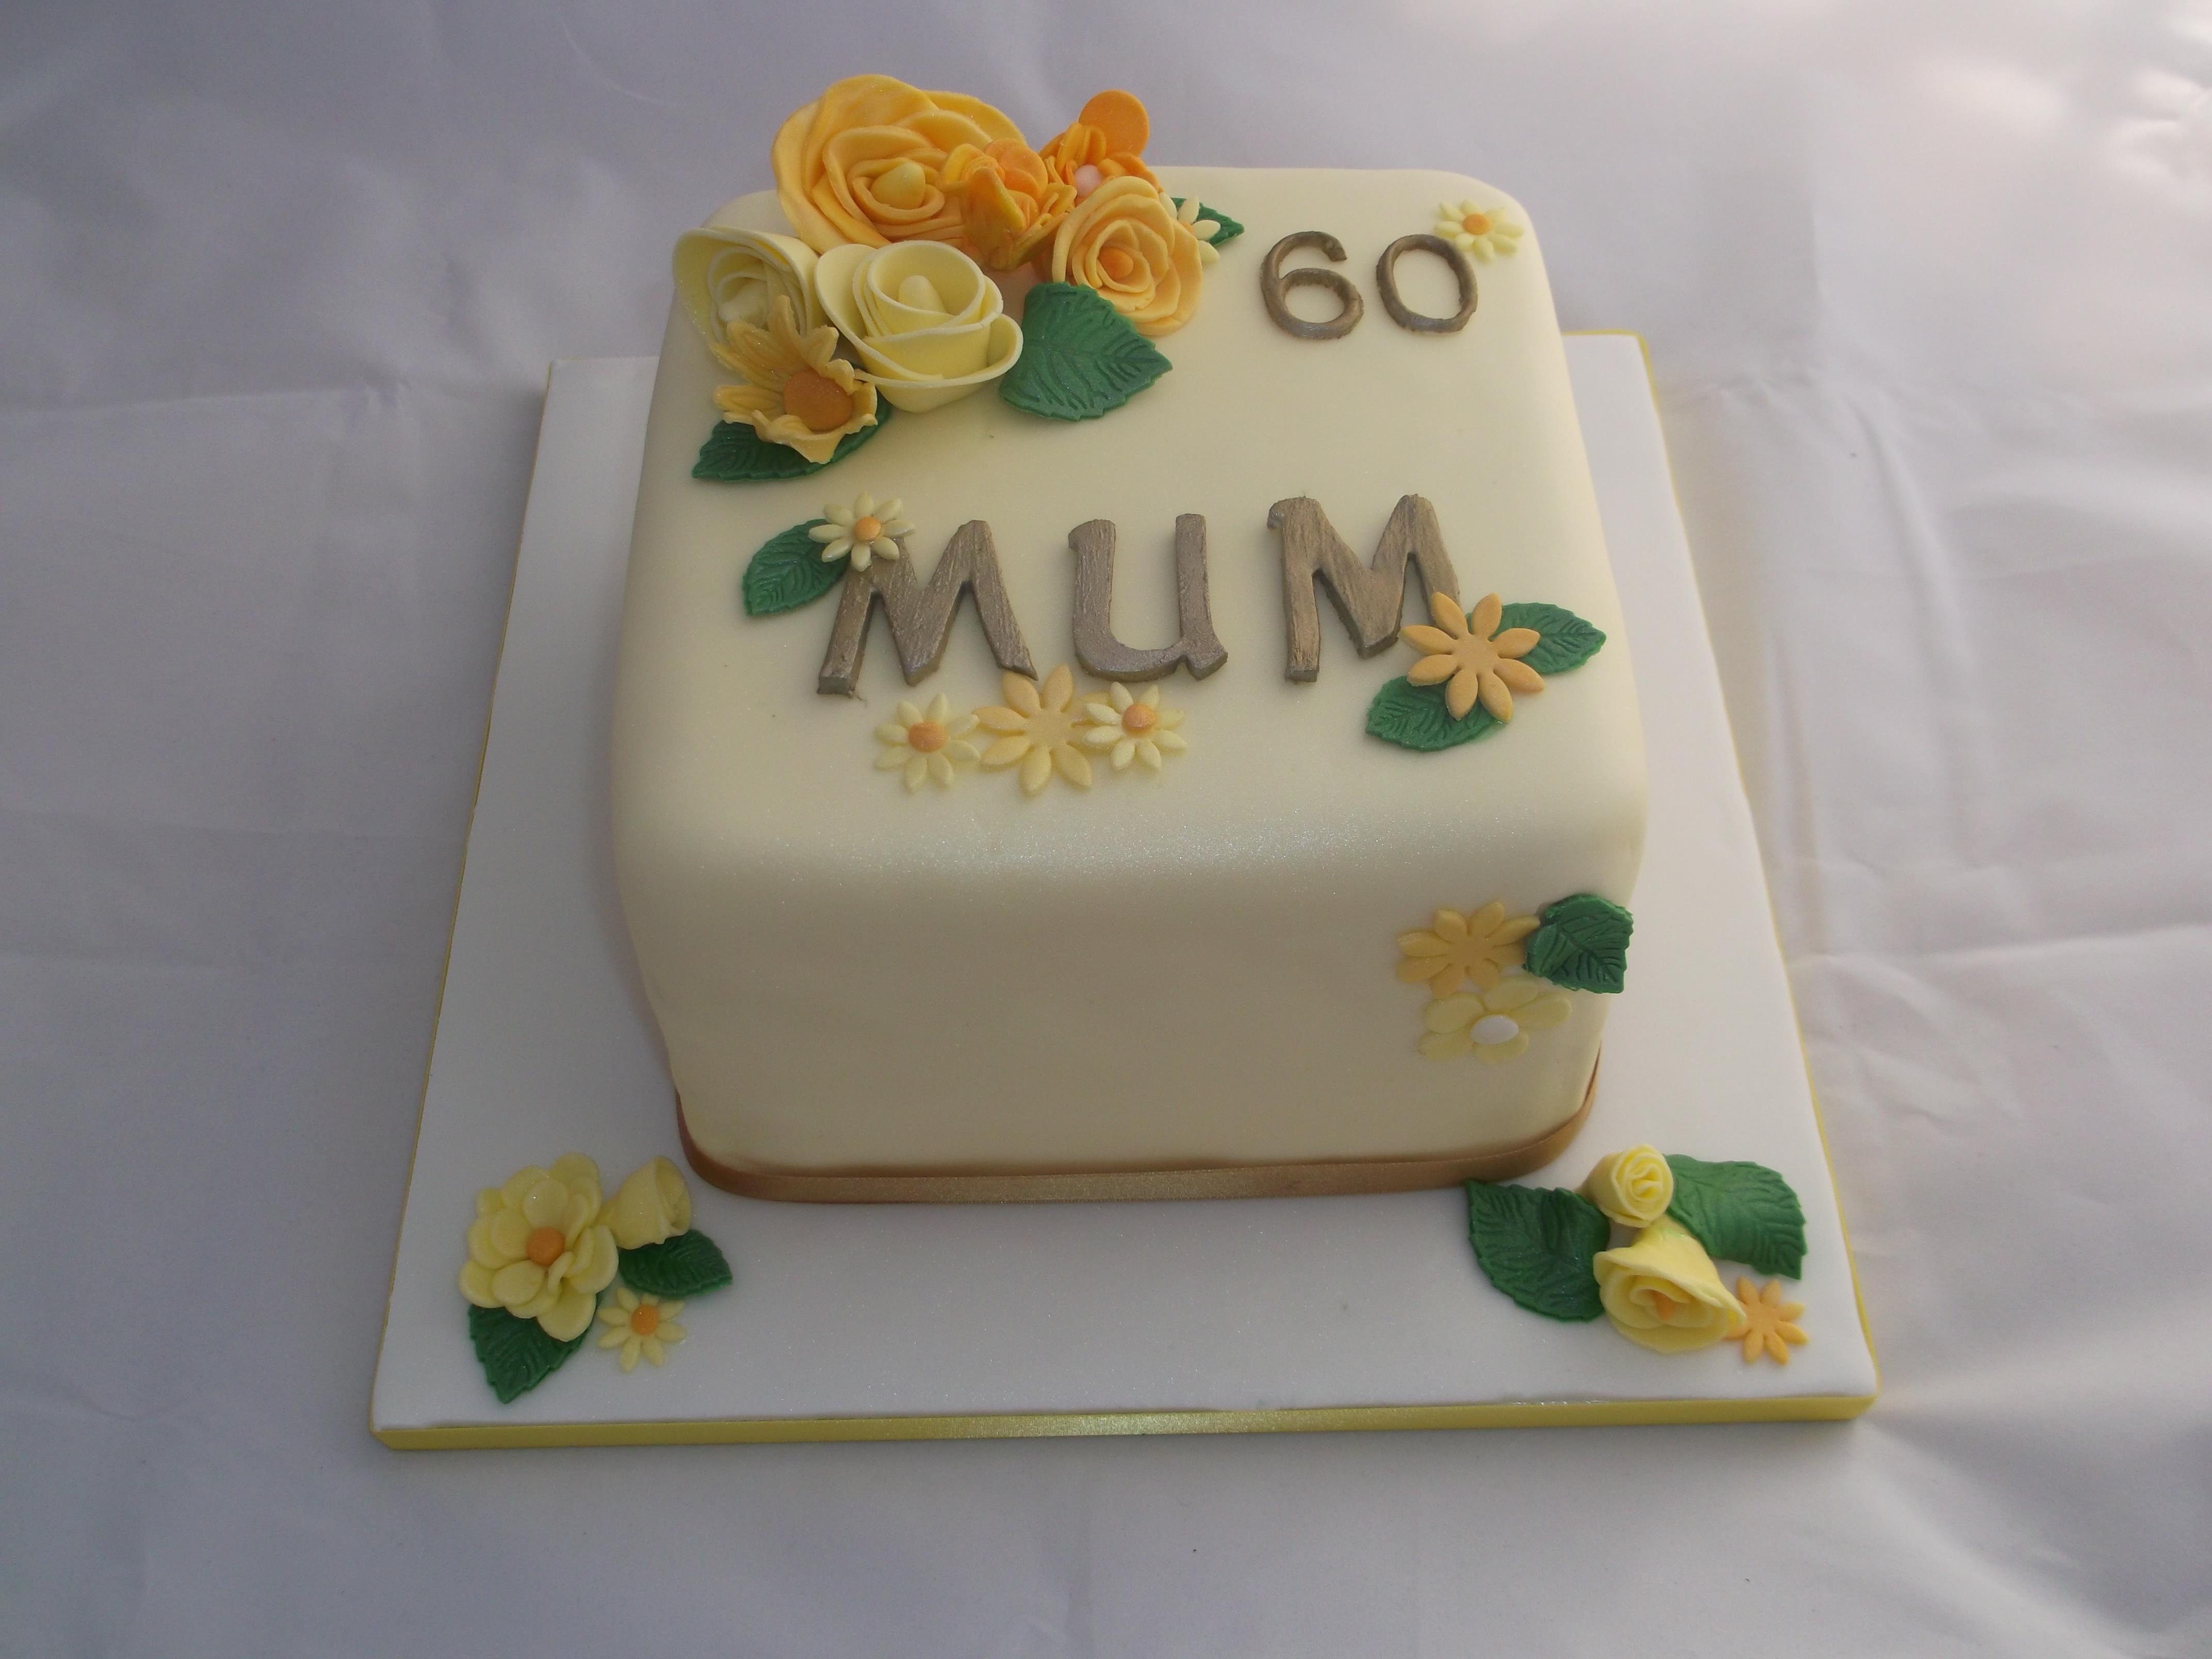 Handmade Birthday Cakes Basingstoke